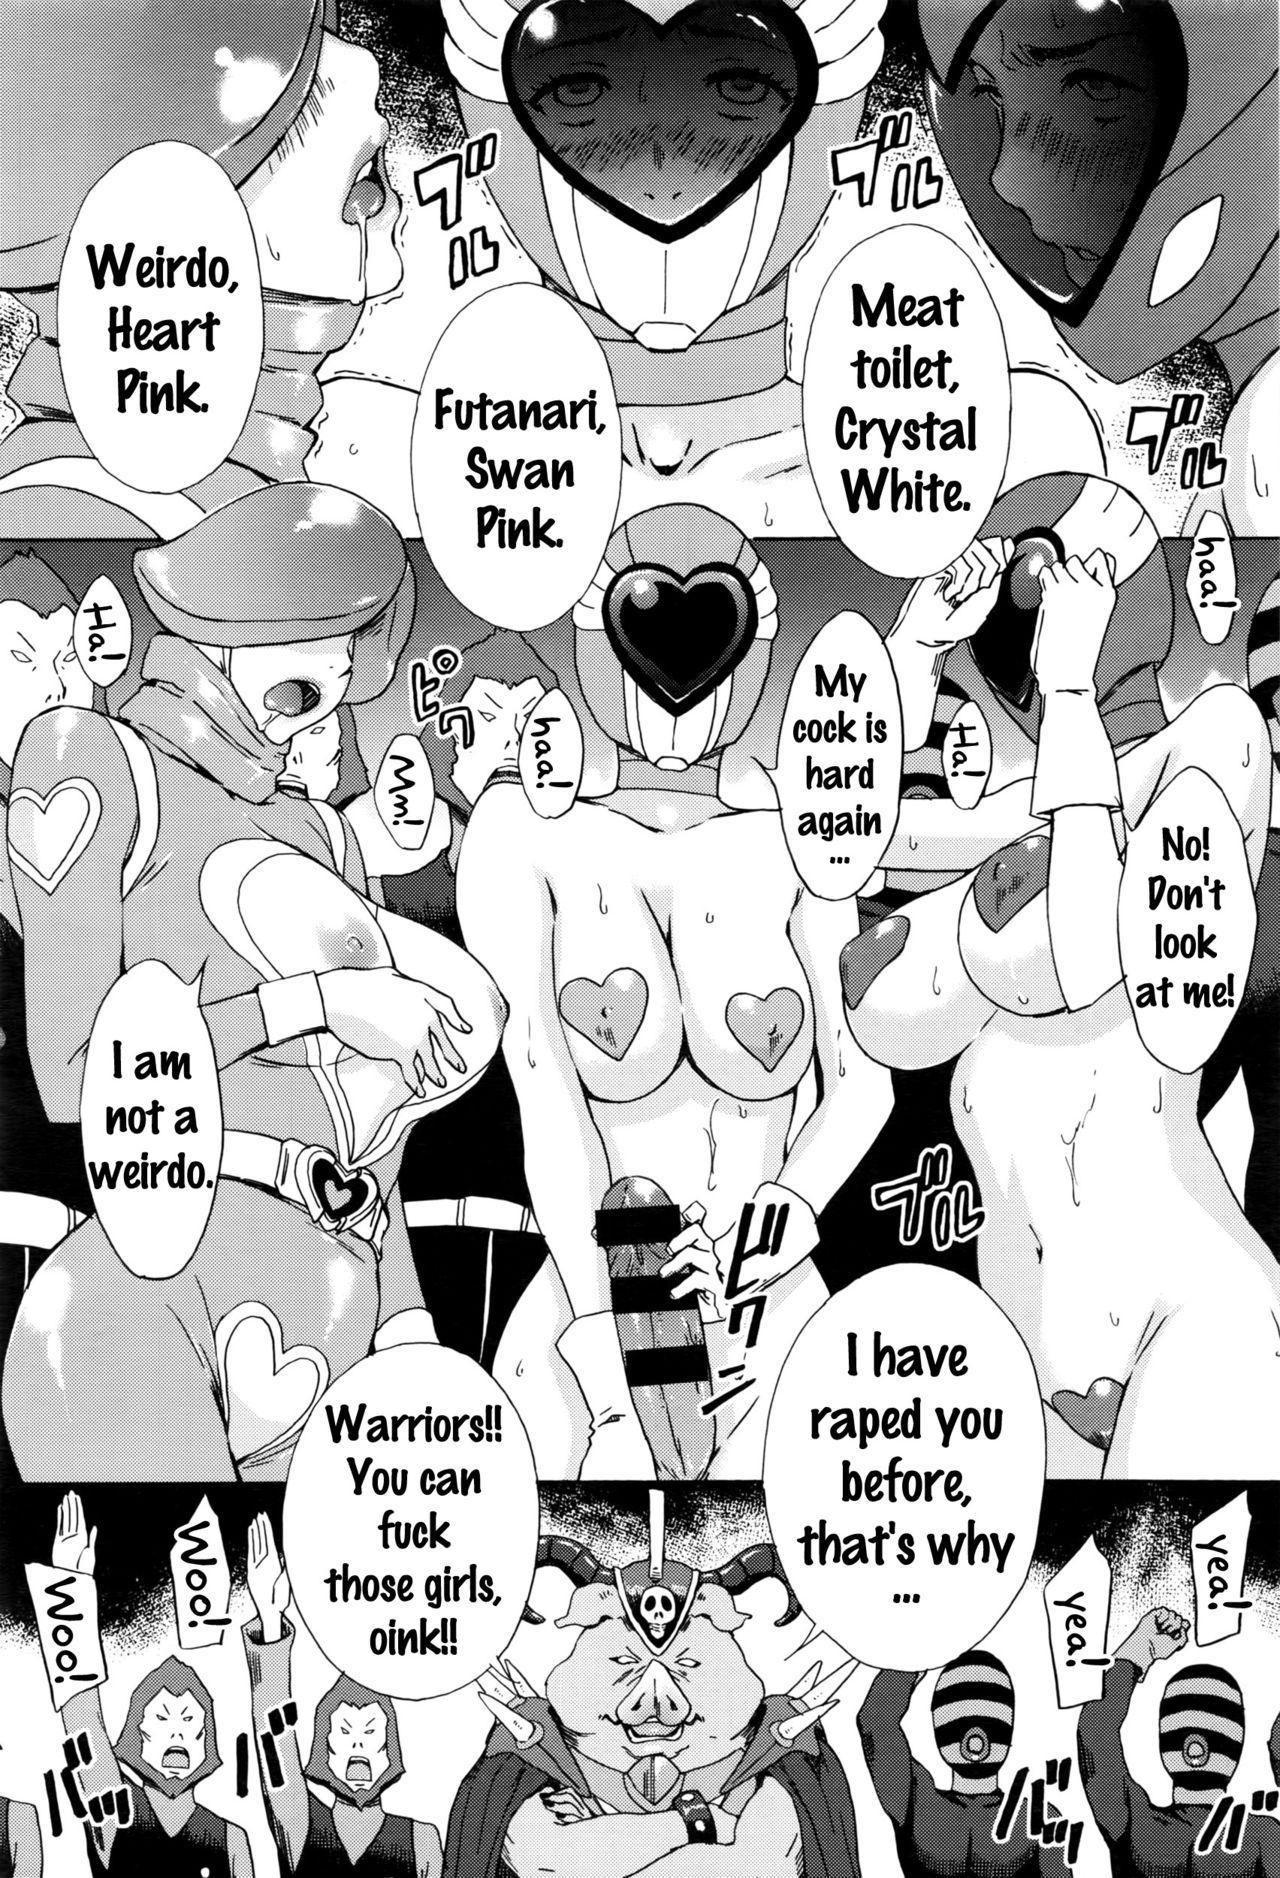 [Amano Ameno] Dai Buta Shougun no Gyakugeki ~Superheroine Taisen~ | Pig General's Counter Attack (COMIC Anthurium 2016-09) [English] {doujins.com} 11